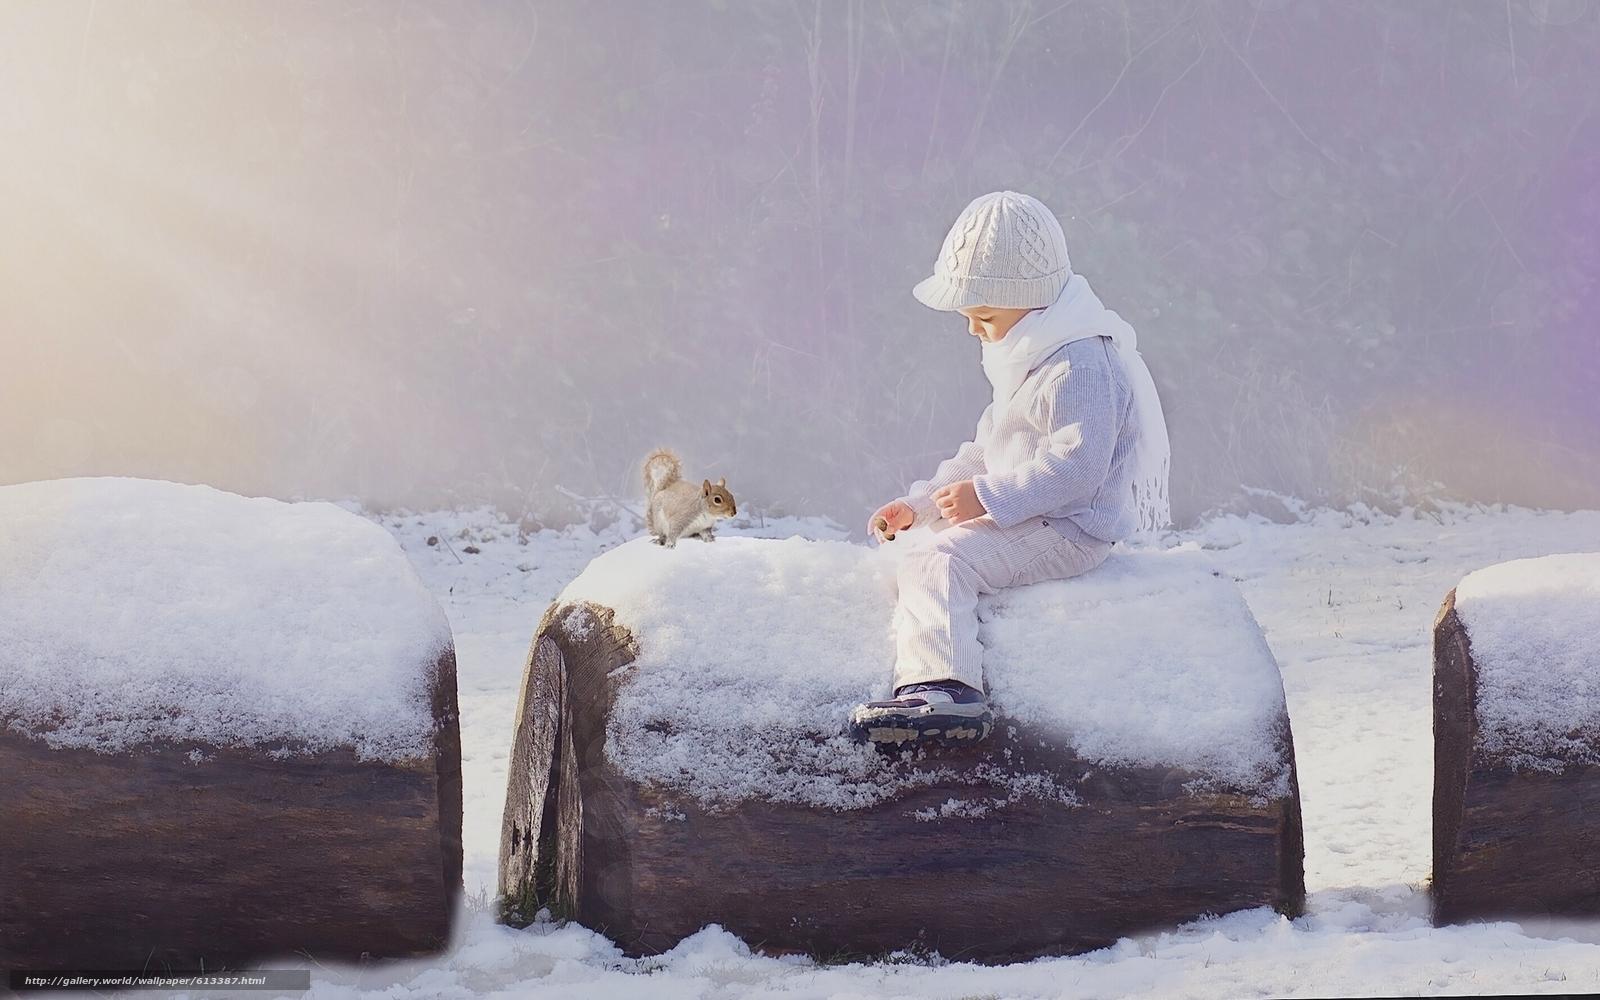 tlcharger fond d 39 ecran gar on cureuil hiver neige fonds d 39 ecran gratuits pour votre. Black Bedroom Furniture Sets. Home Design Ideas